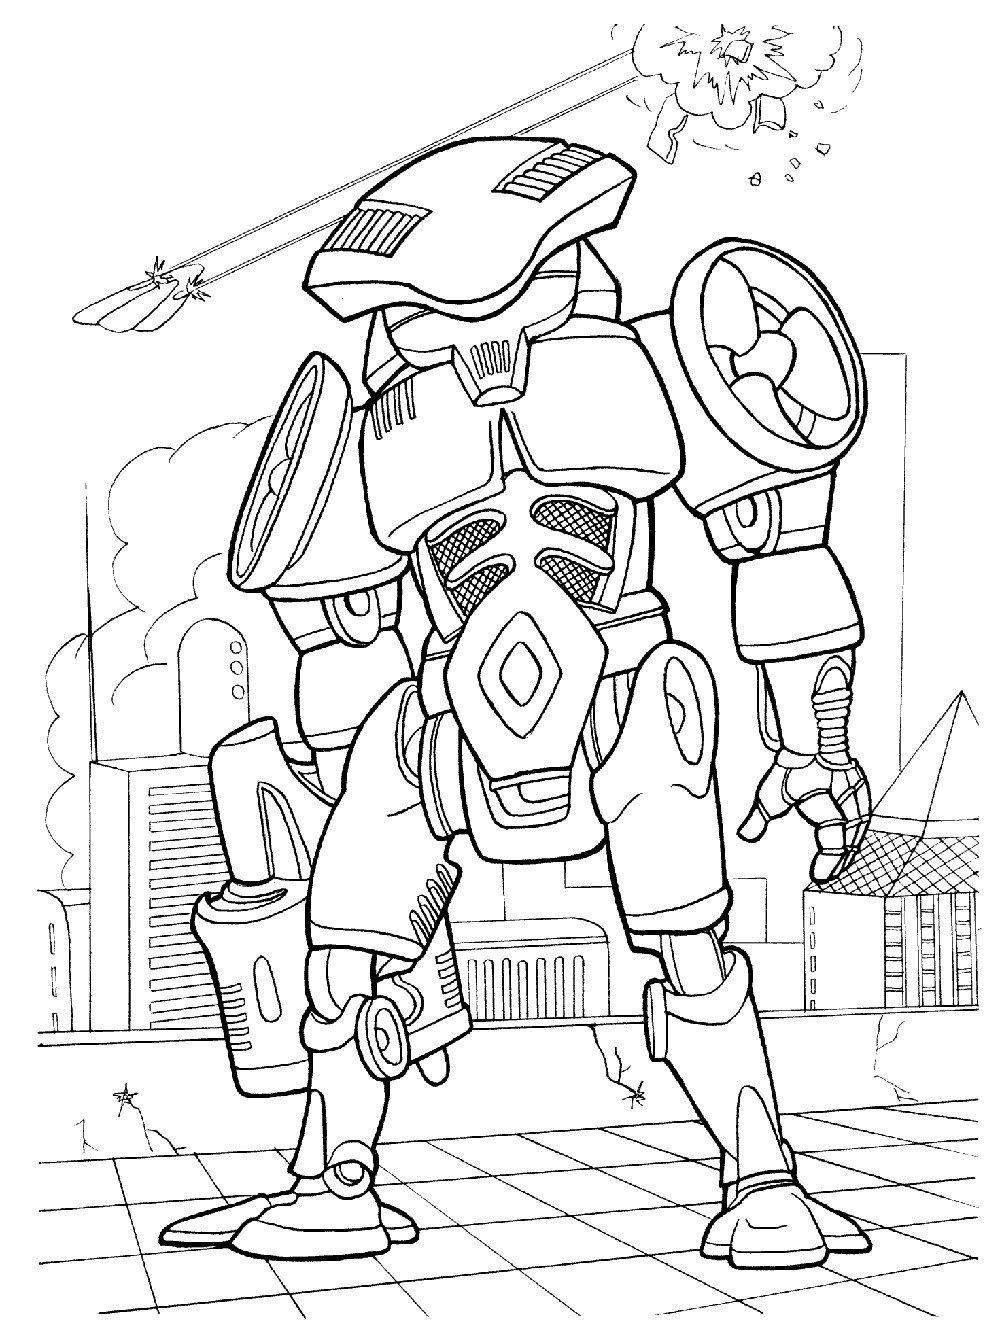 Раскраска Зловещий робот с бластером